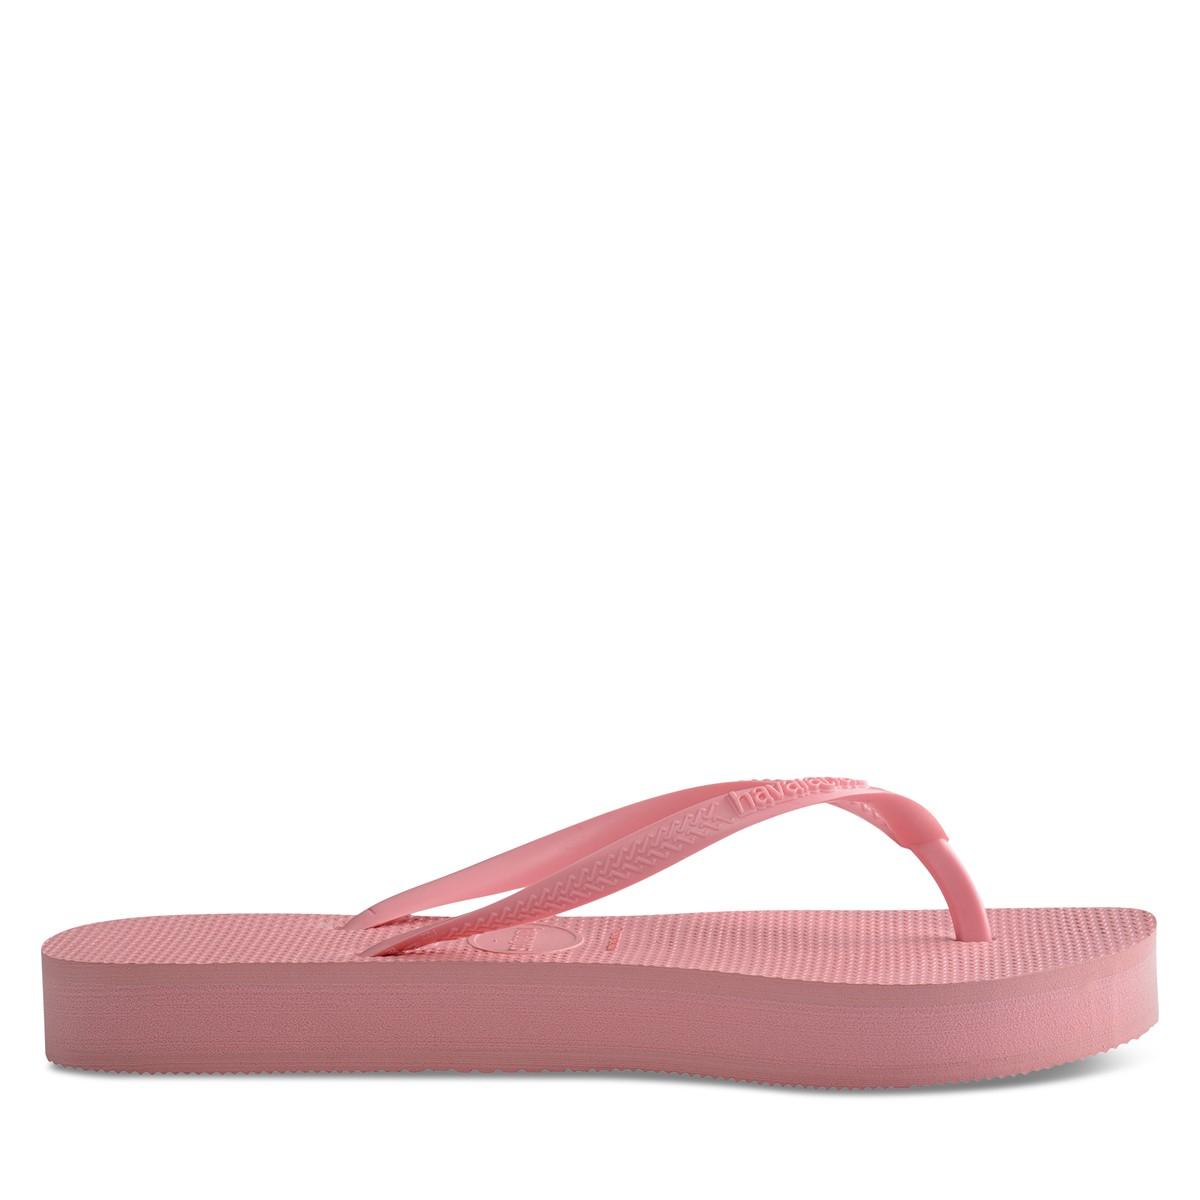 Women's Slim Flatform Sandals in Macaron Pink